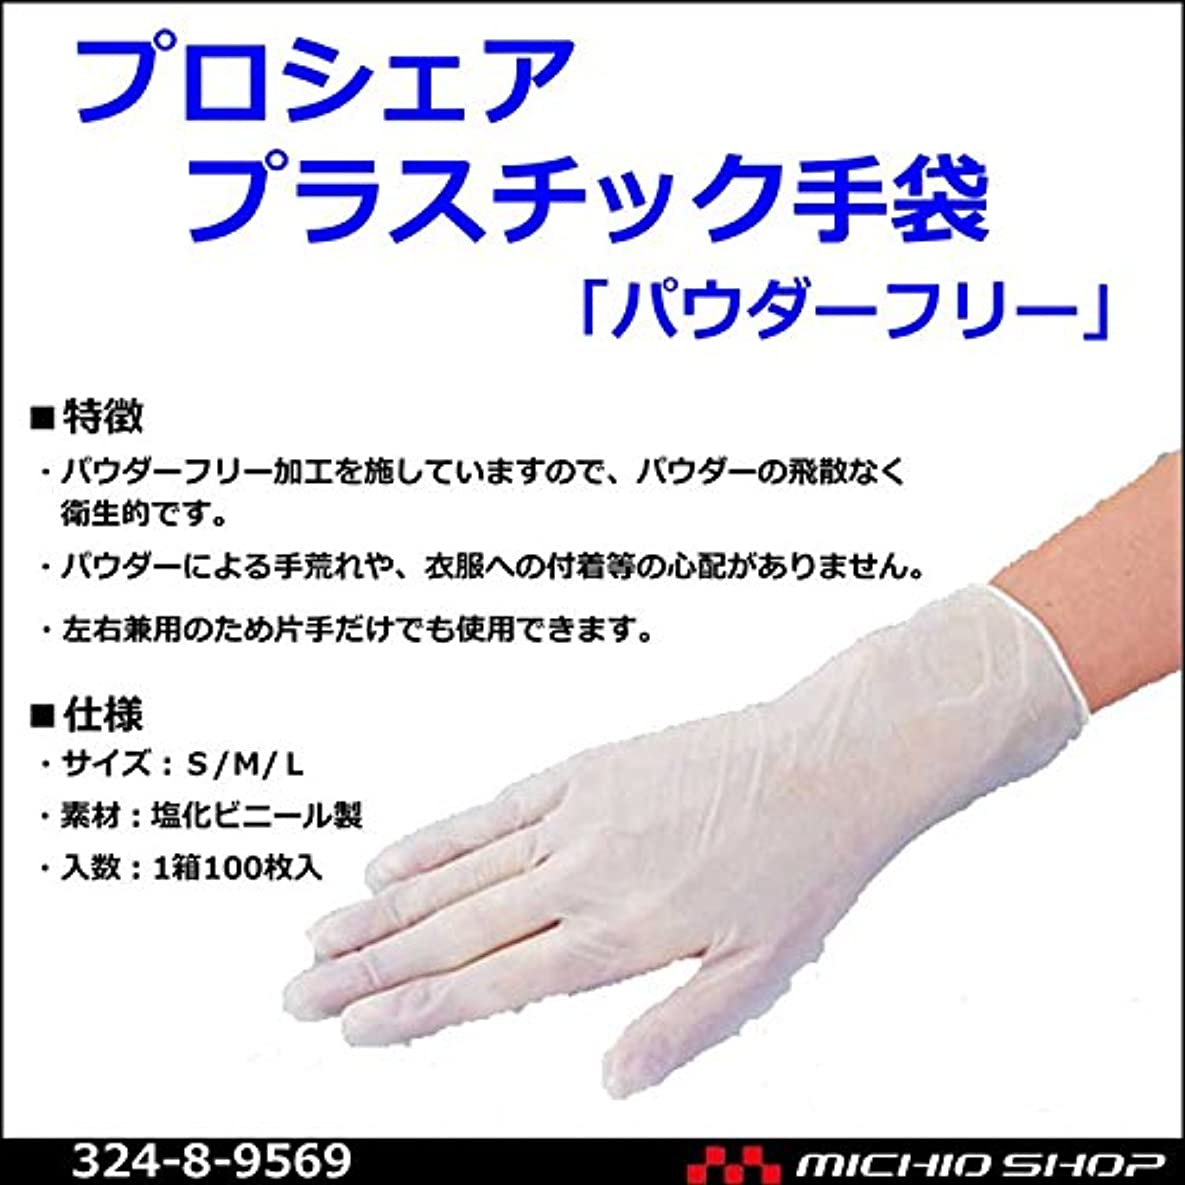 モチーフ量俳優アズワン プロシェアプラスチック手袋 100枚入 8-9569 02 M